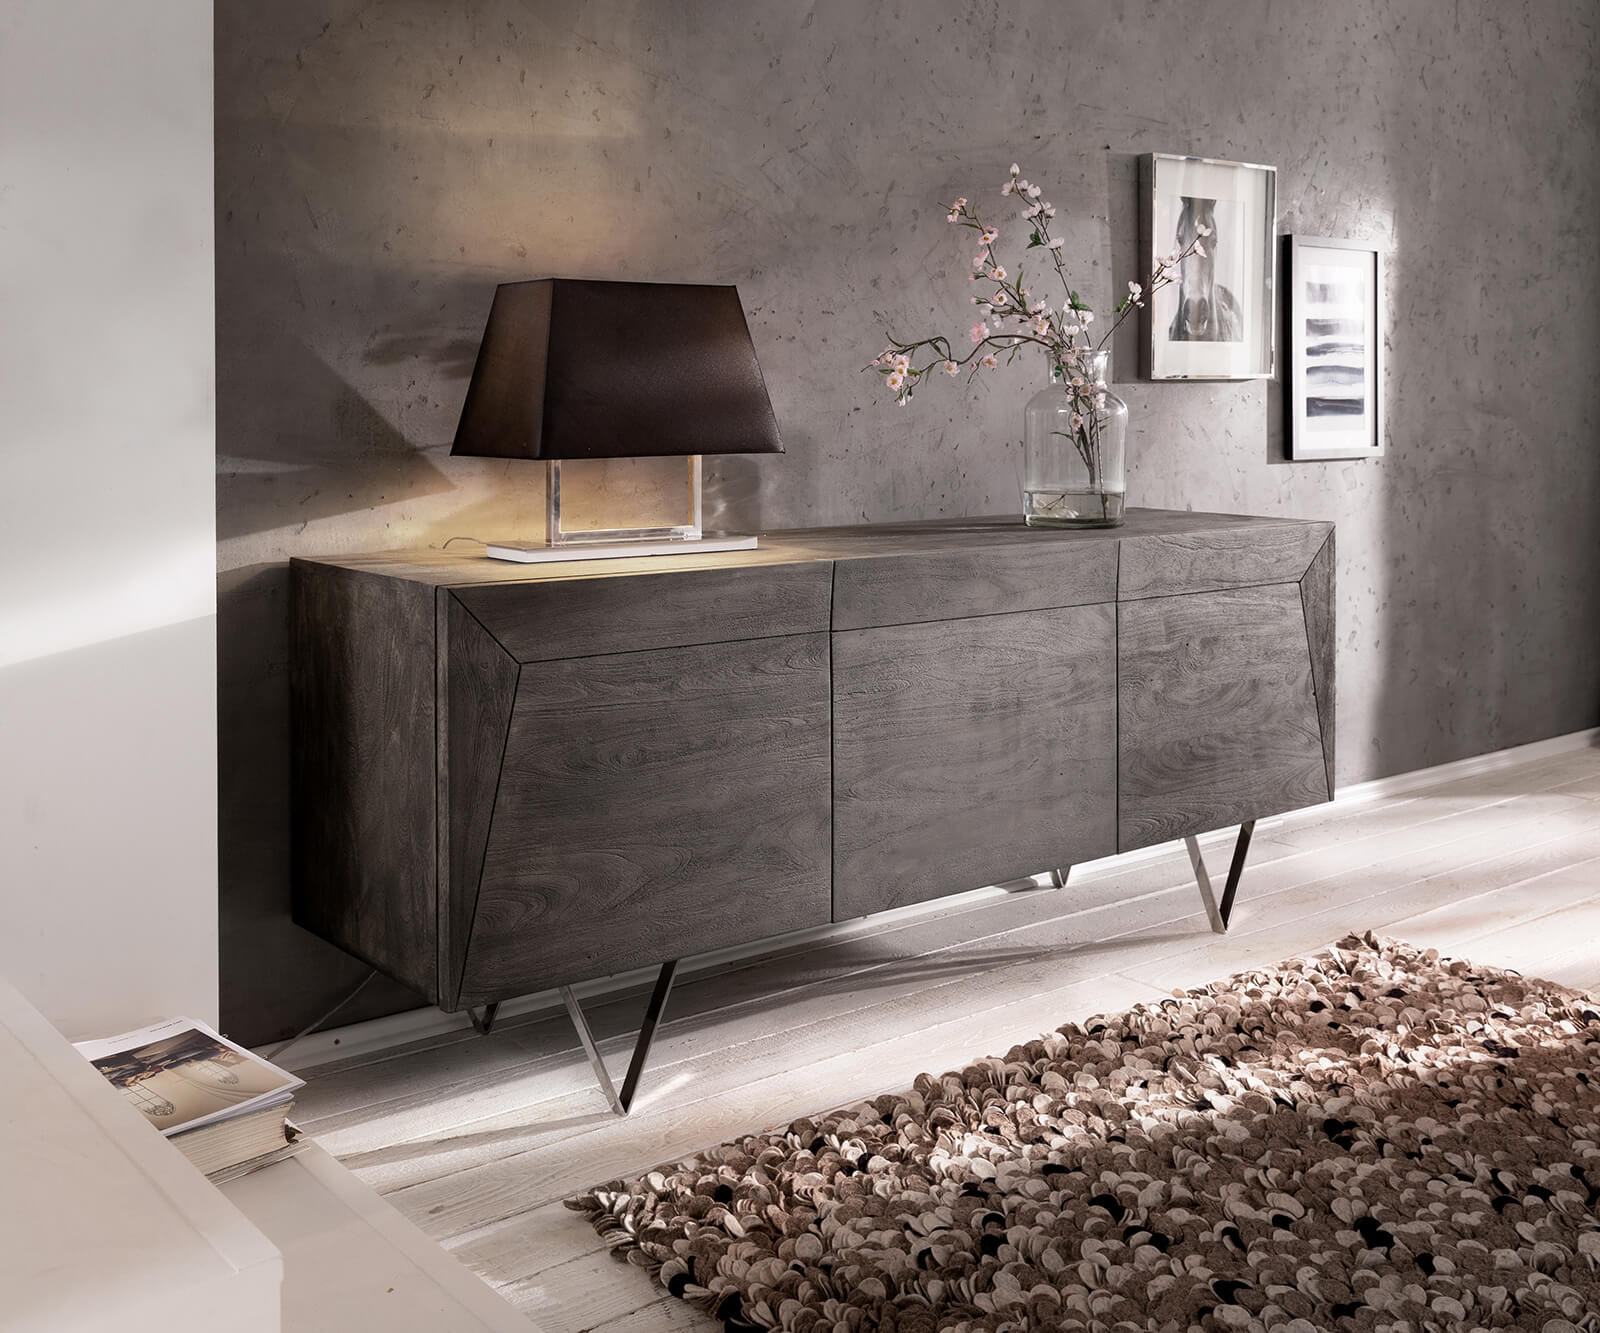 delife-design-sideboard-wyatt-175-cm-akazie-platin-3d-optik-oben-edelstahl-sideboards